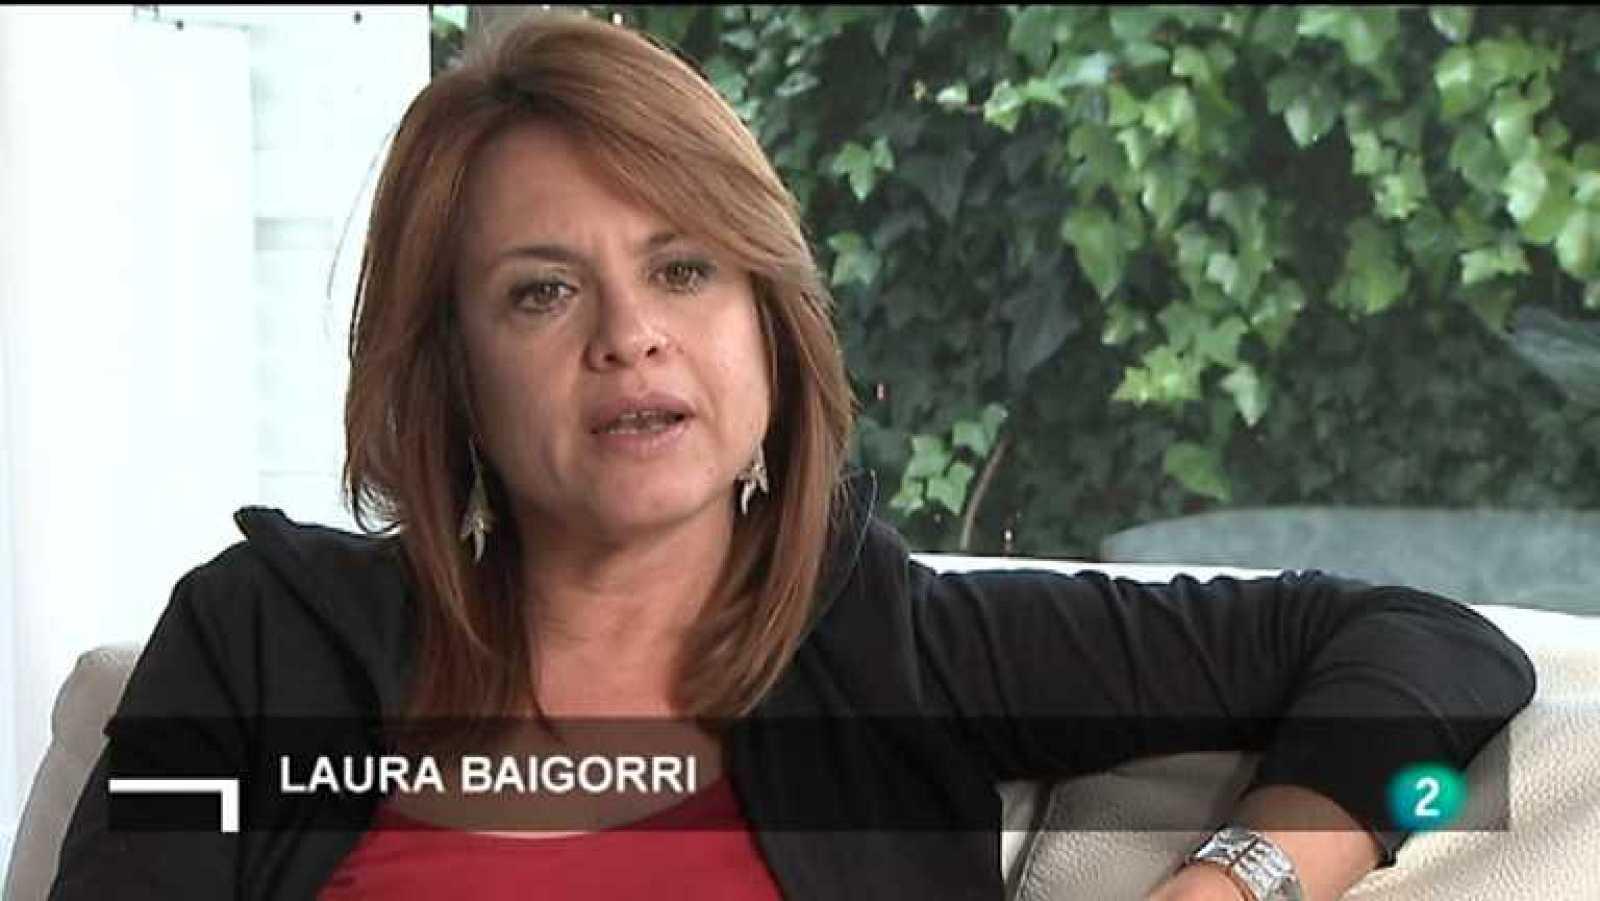 Metrópolis - Carta Blanca a... Laura Baigorri: Videoarde   - Ver ahora